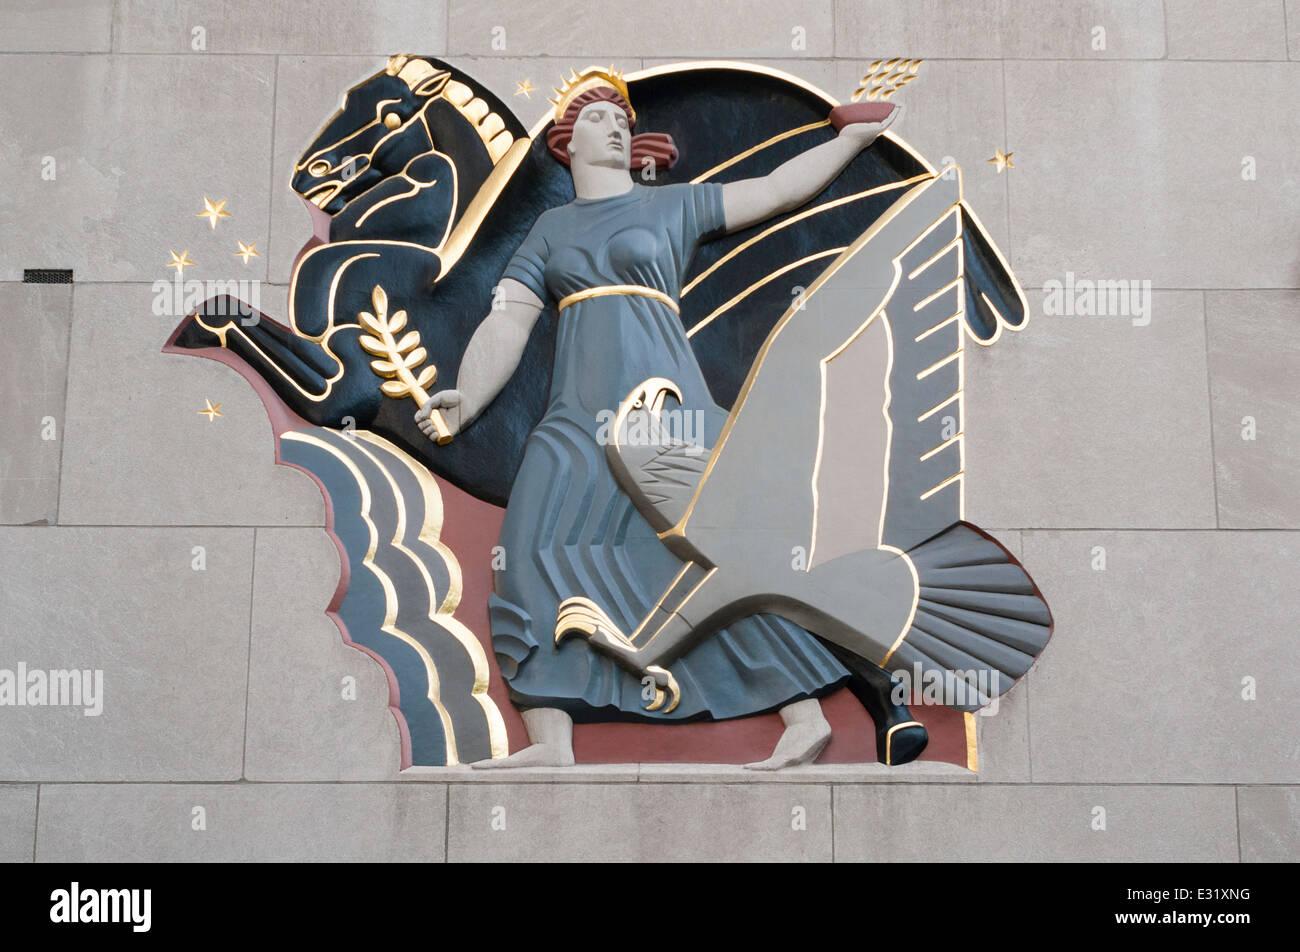 El progreso en uno de socorro Art Deco Rockefeller Plaza Imagen De Stock